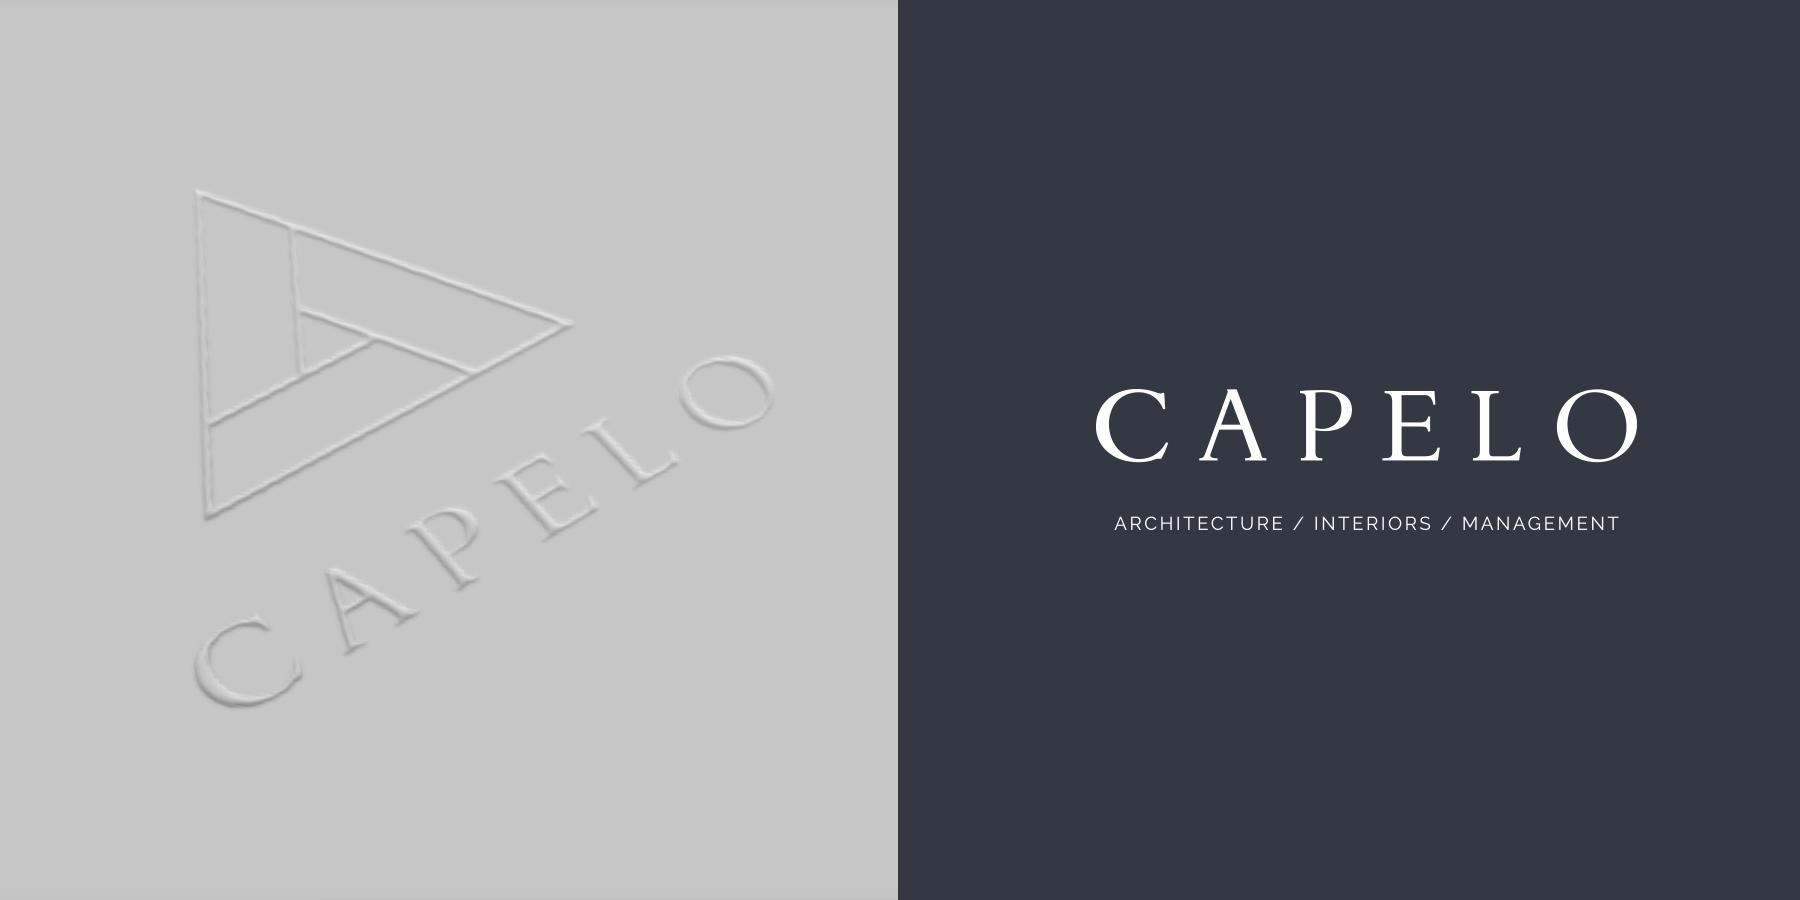 Capelo Design Ltd brand identity